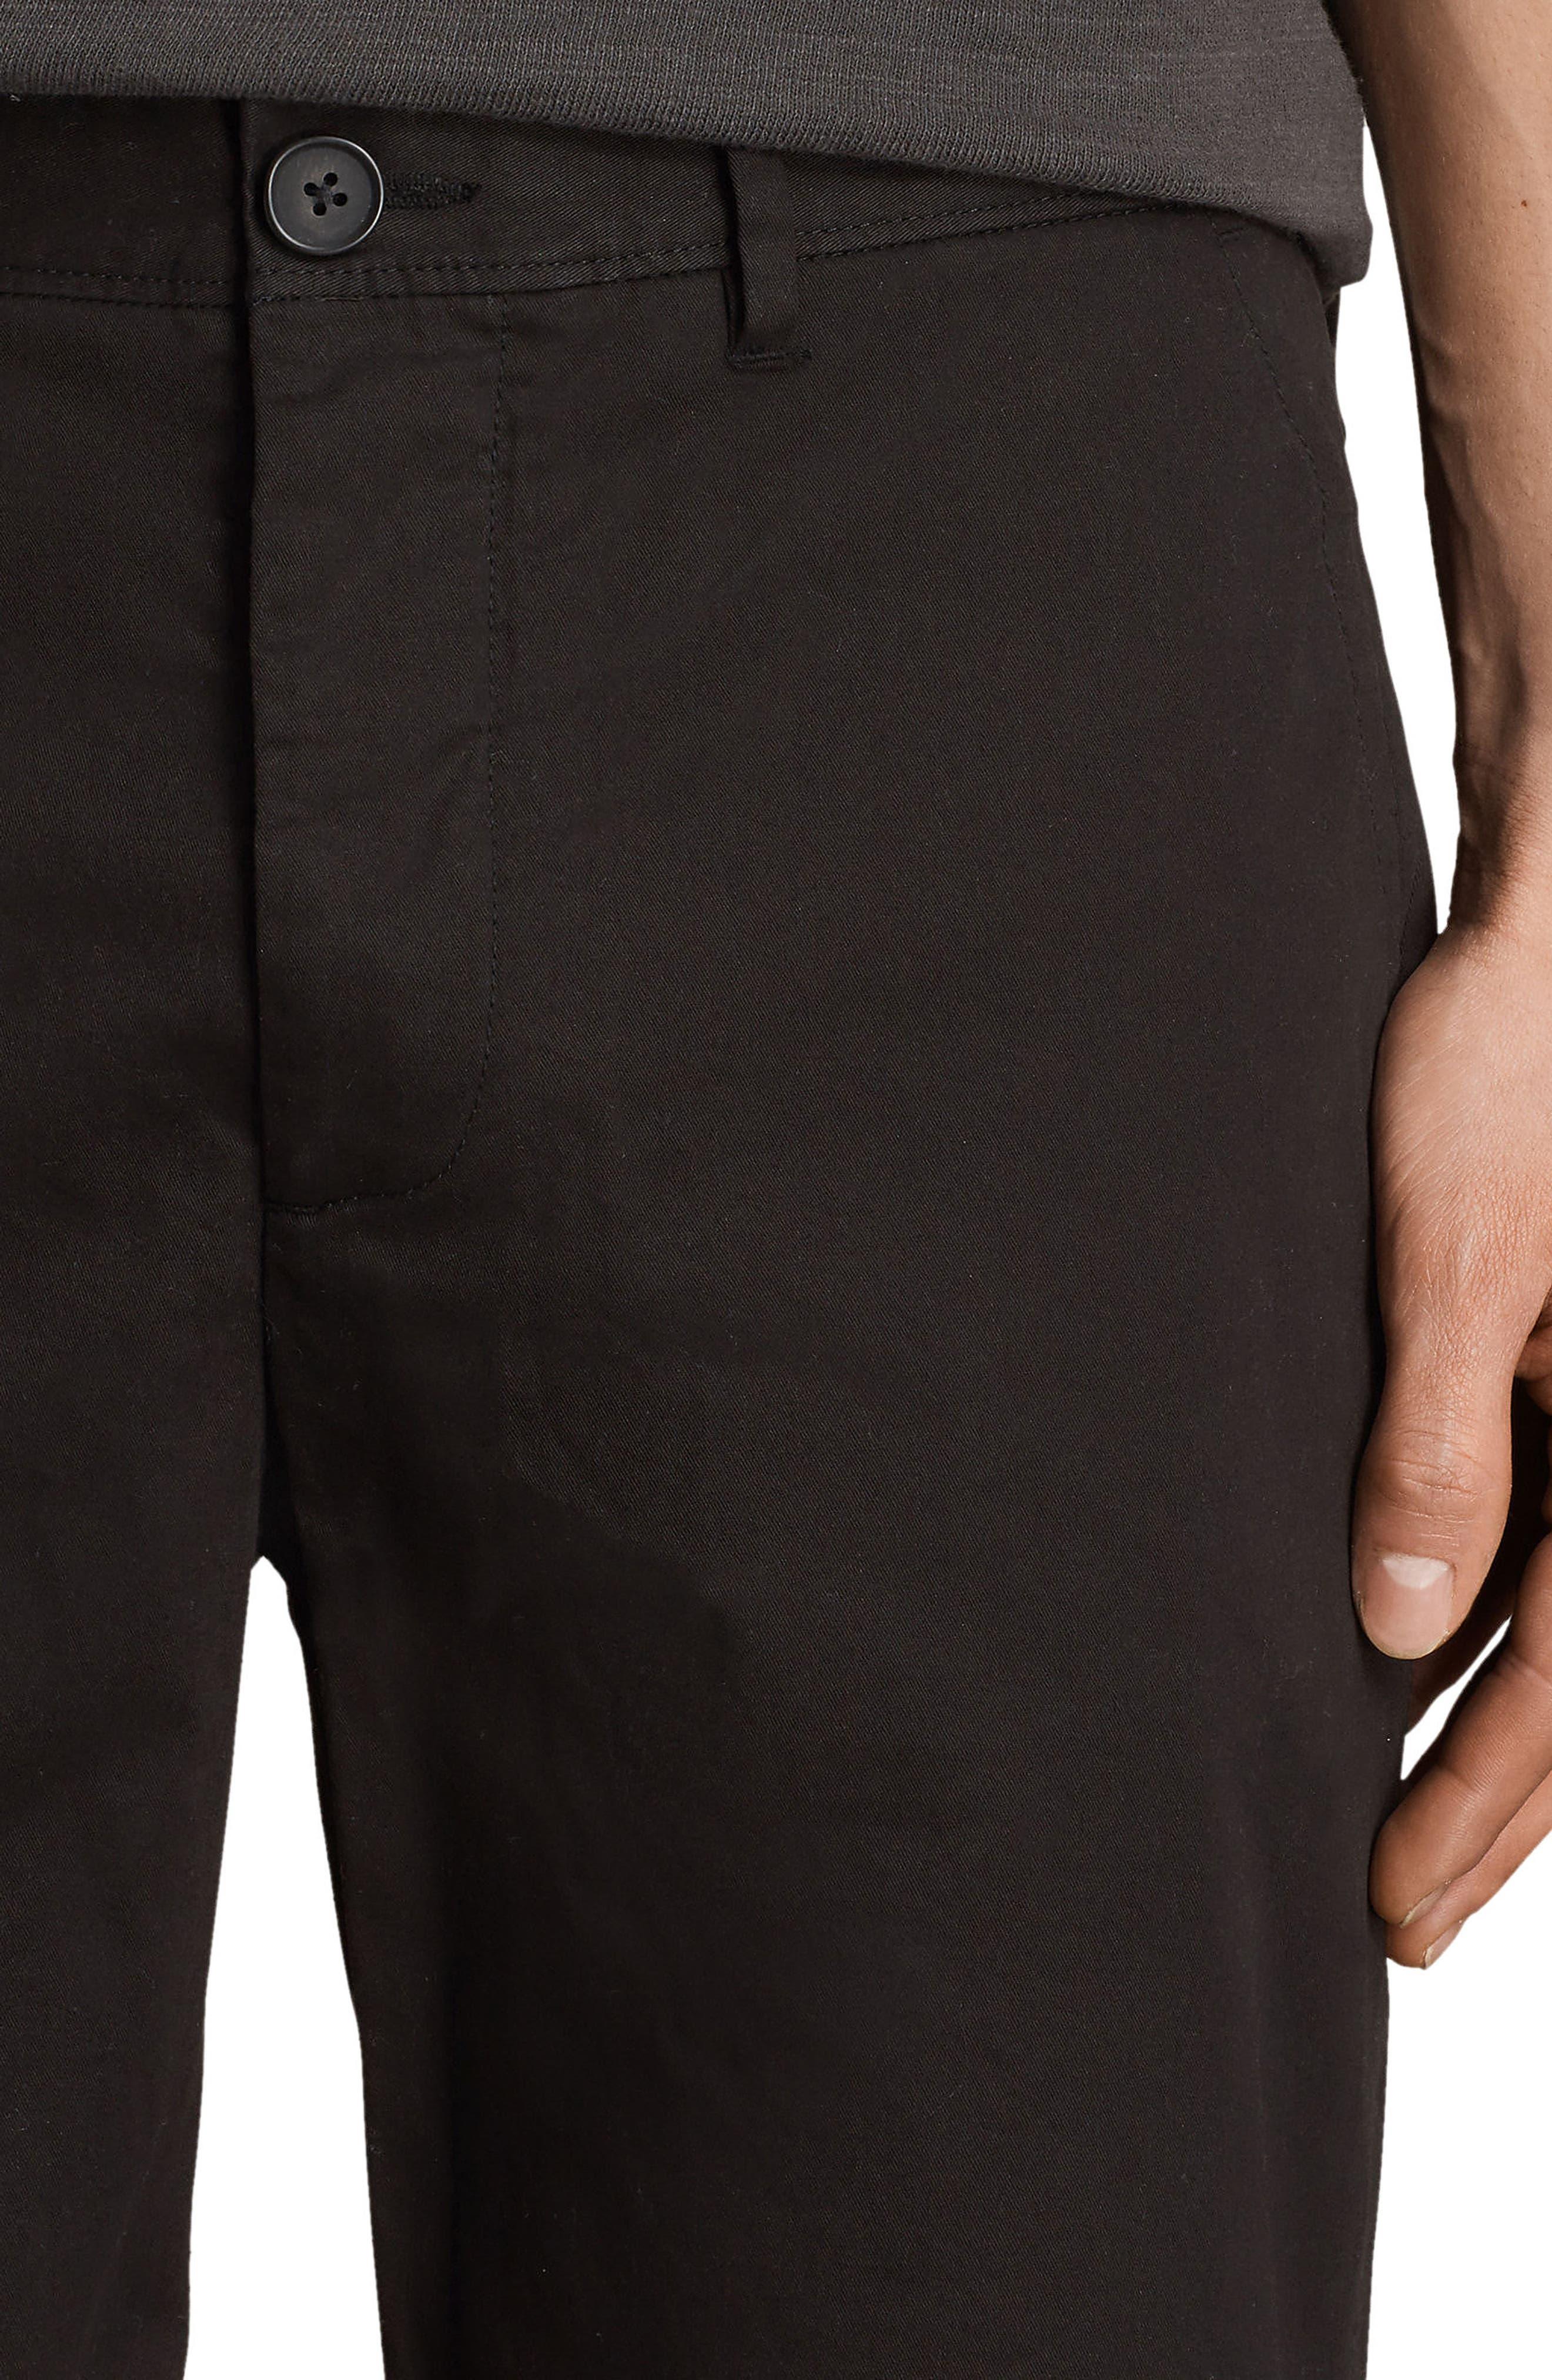 Cobalt Slim Fit Cotton Shorts,                             Alternate thumbnail 4, color,                             001